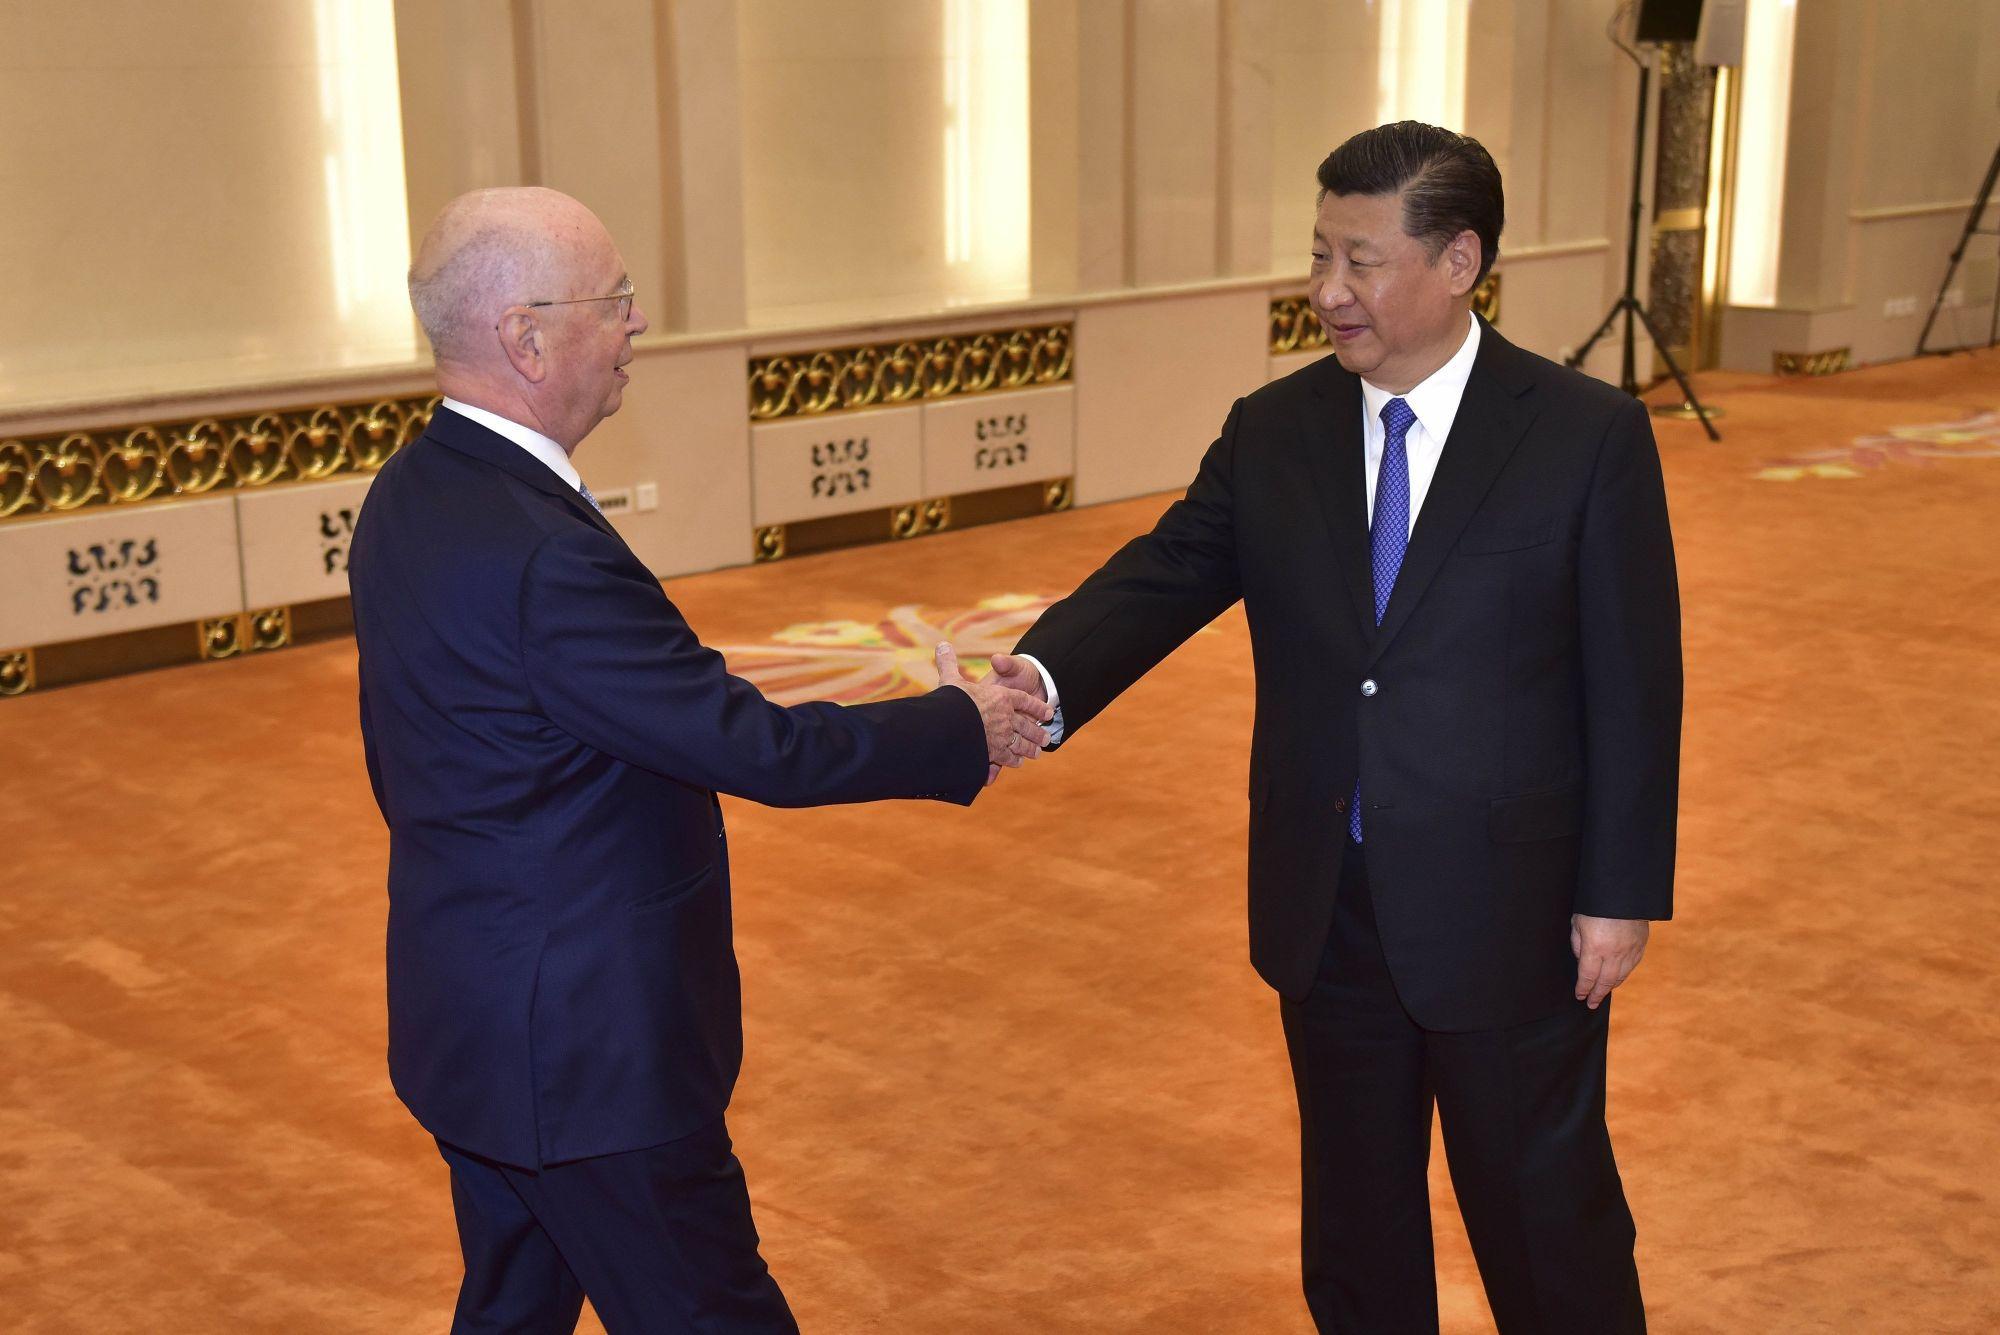 Hszi Csin-ping kínai államfő (j) fogadja Klaus Schwabot, a Világgazdasági Fórum alapító elnökét a pekingi Nagy Népi Csarnokban 2018. április 16-án. (MTI/EPA pool/Naohiko Hatta)